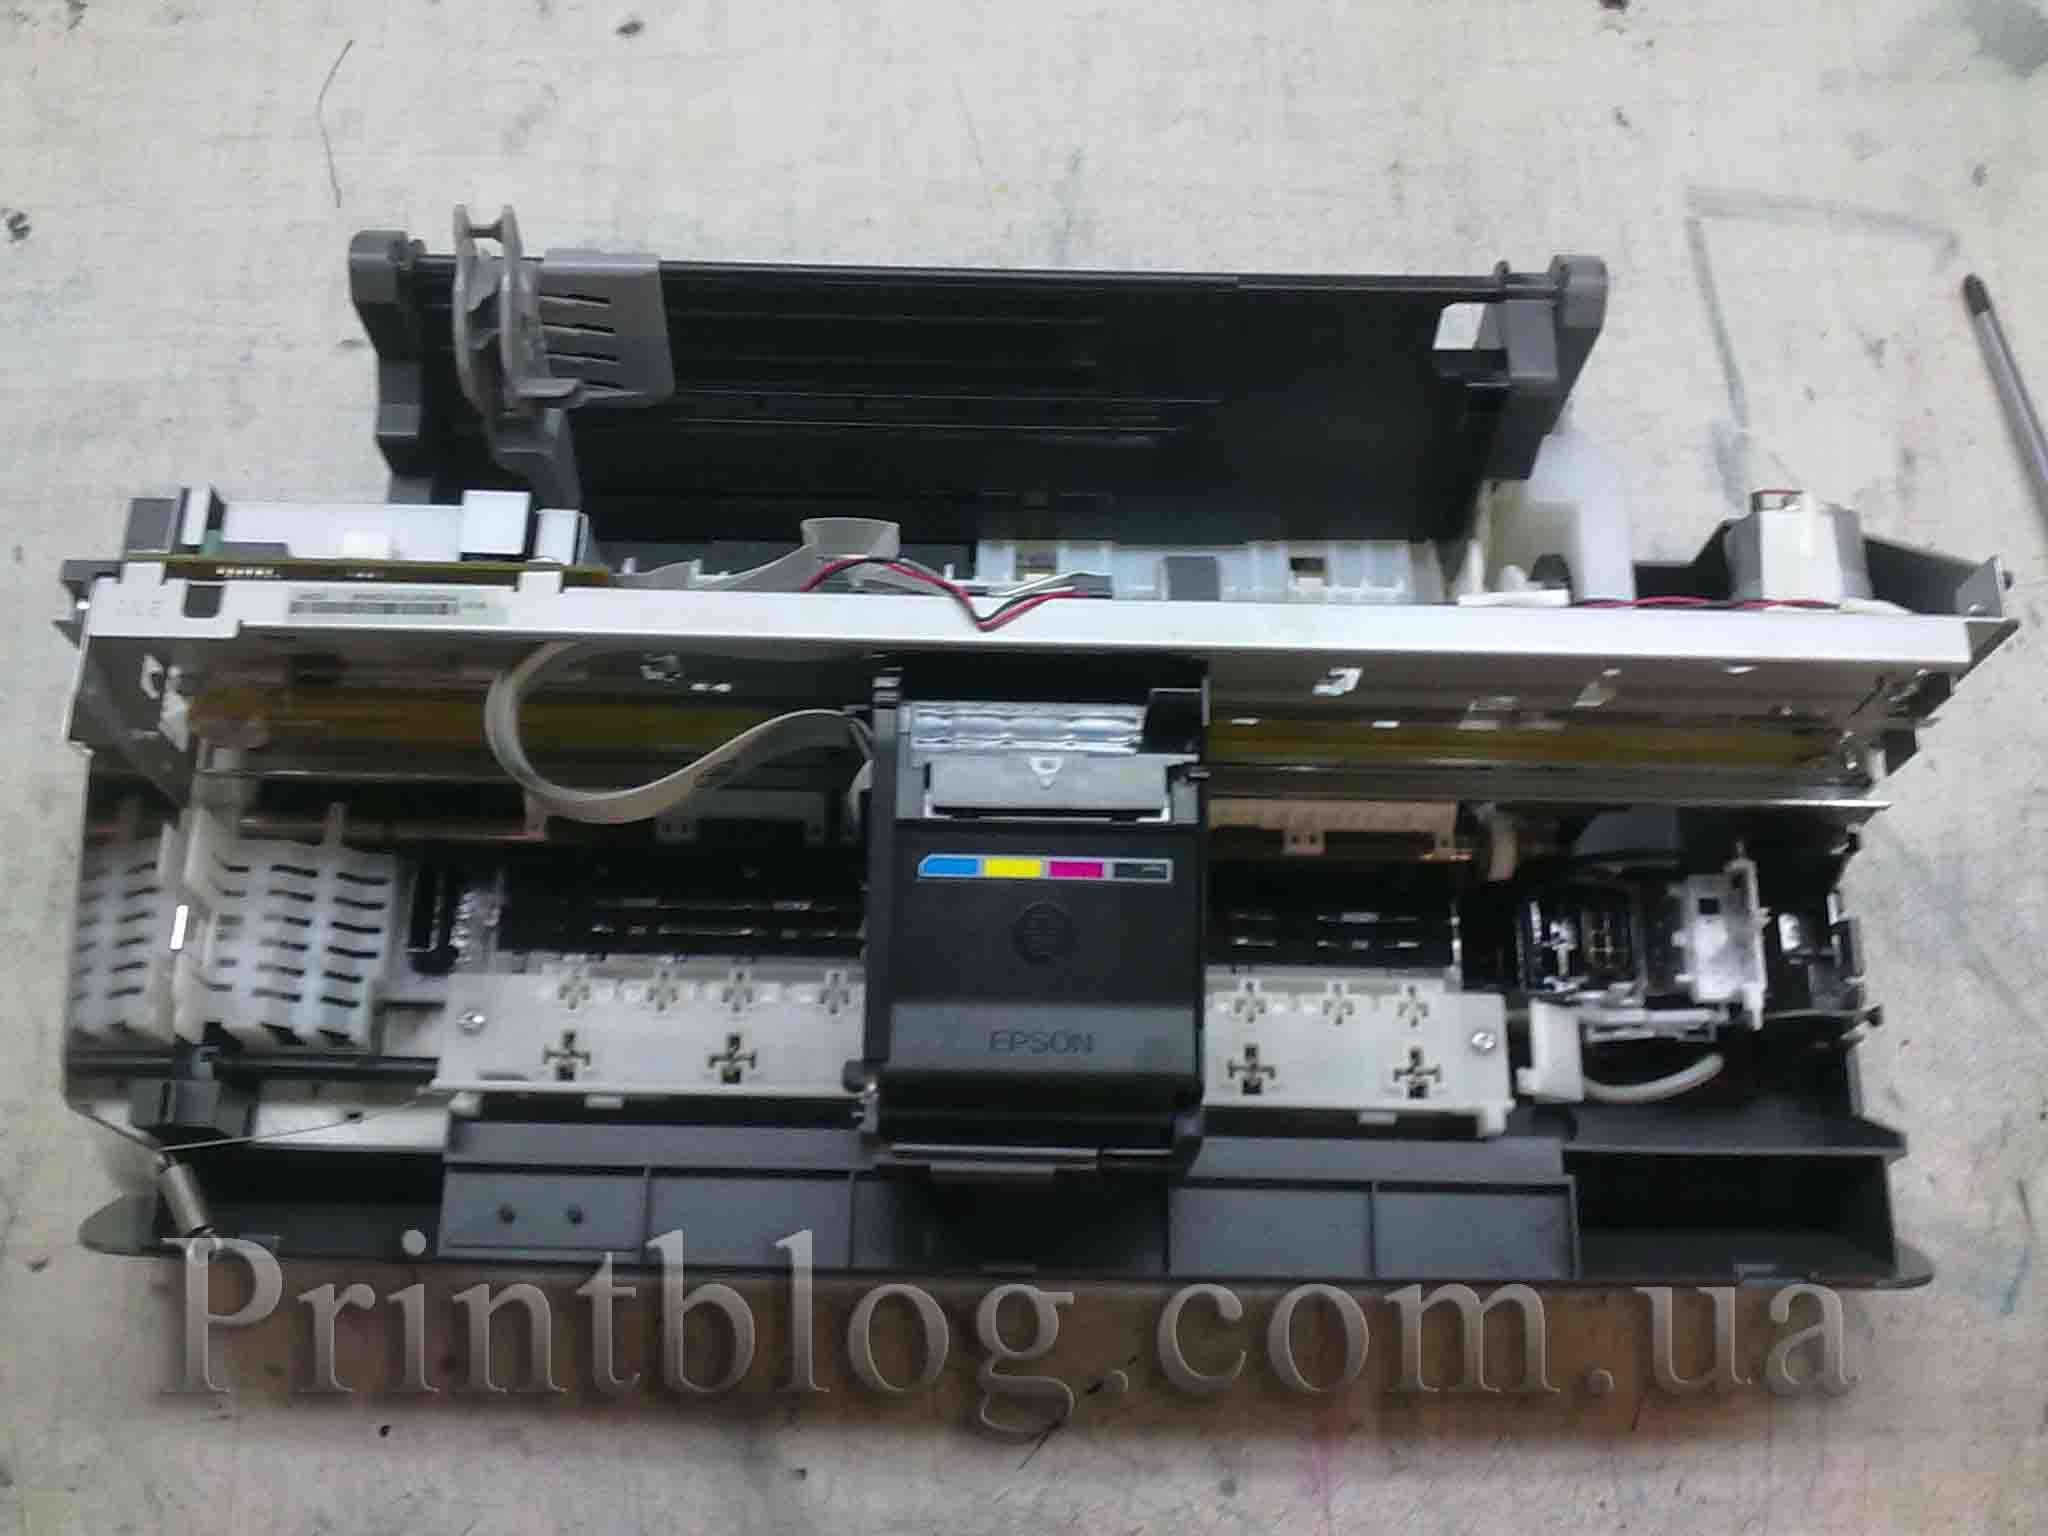 Инструкции по разборке принтеров